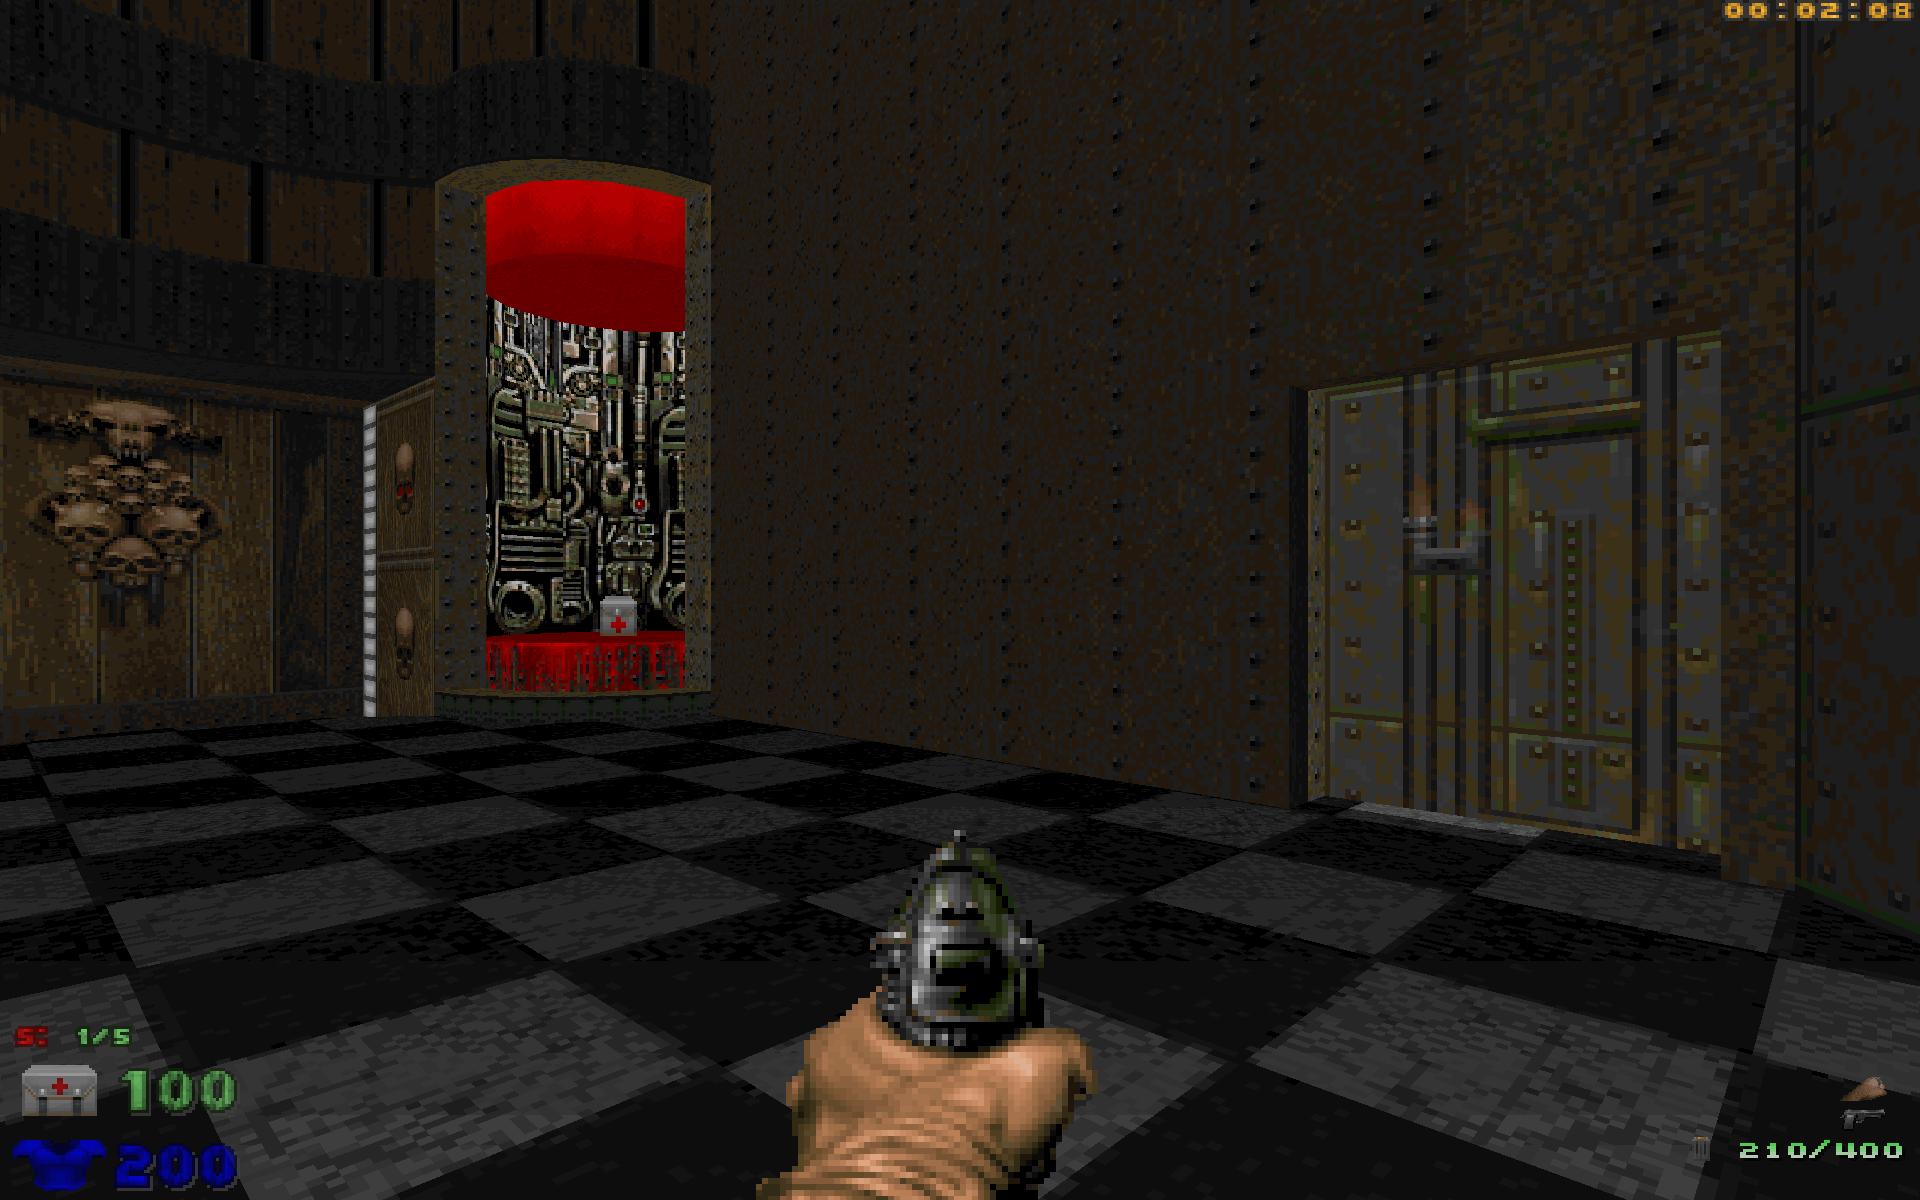 Screenshot_Doom_20210225_112046.png.2b3071f597e087435b4f0e798f5c703c.png